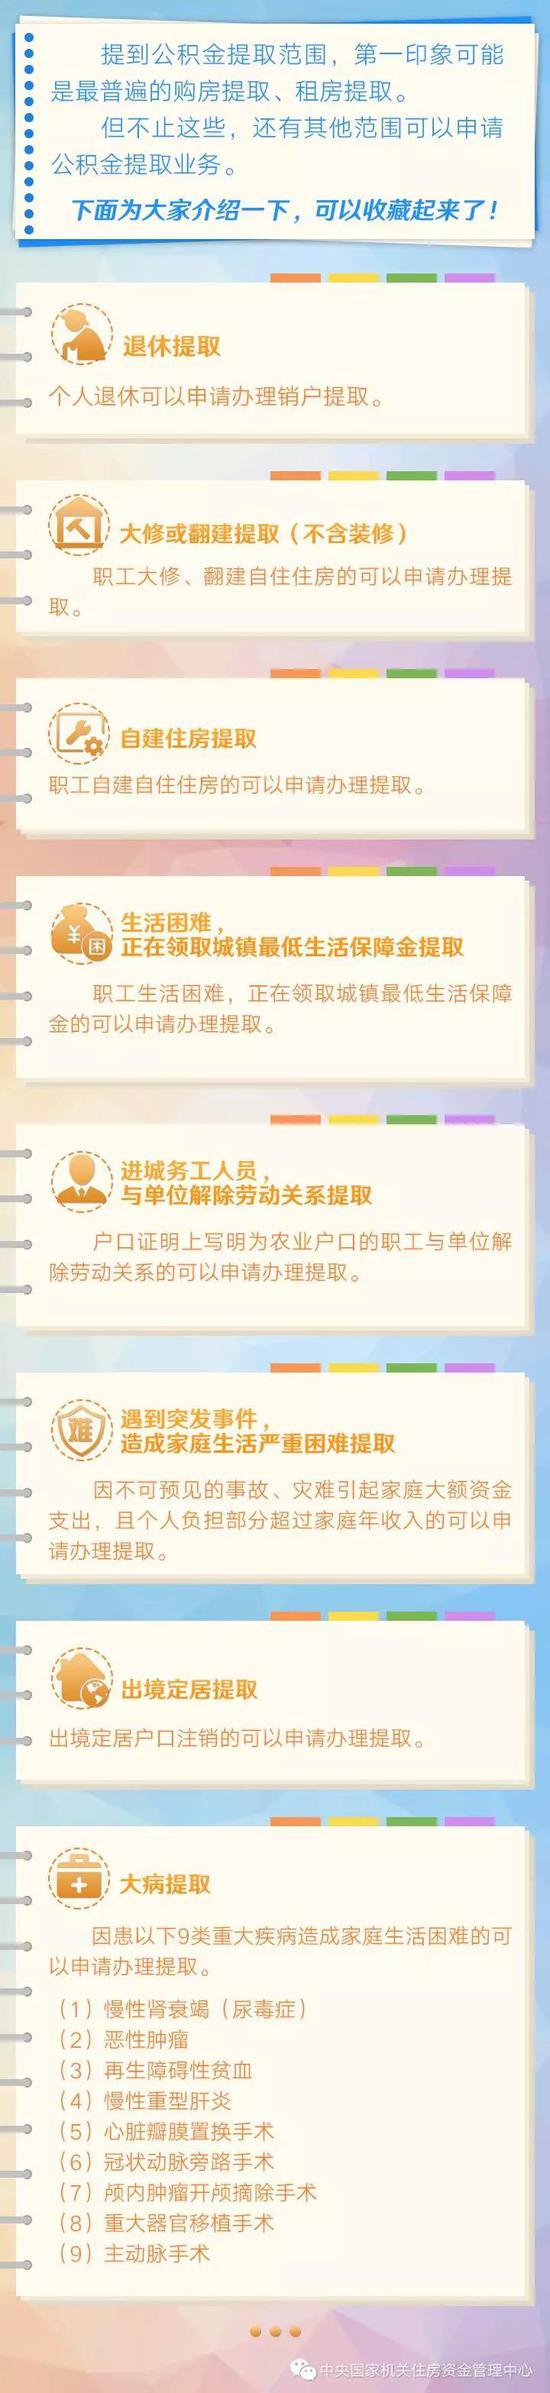 wc55·周珏伟:发扬传统,永葆壶的生命力